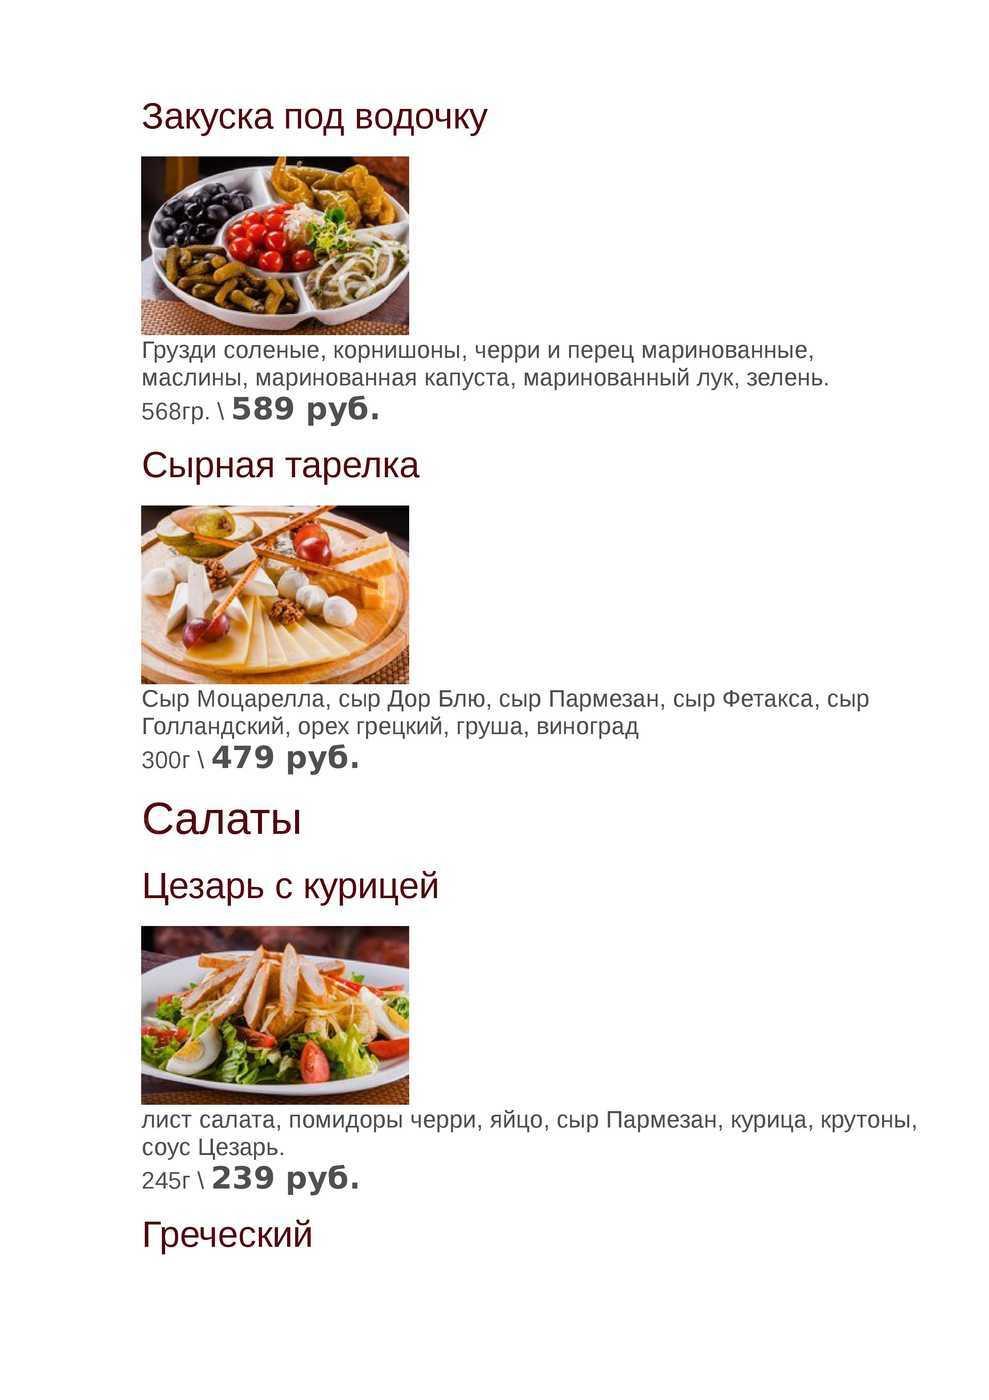 Меню кафе Ермак на проспекте имени газеты Красноярский Рабочий фото 6